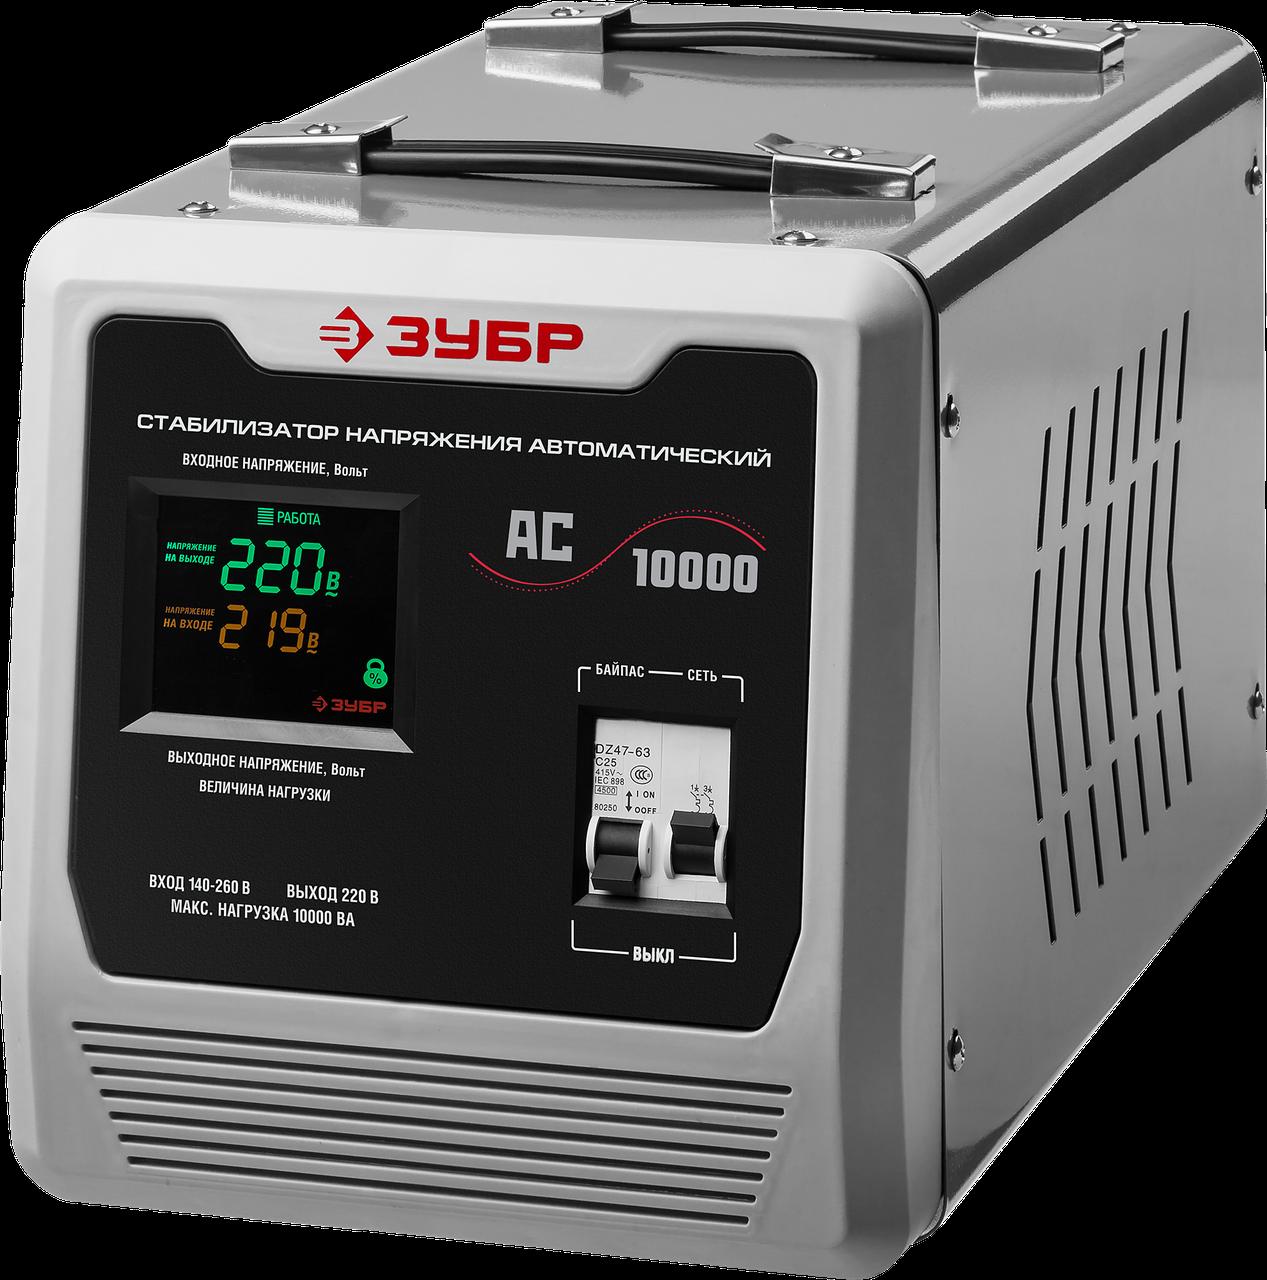 Автоматический стабилизатор напряжения, однофазный, 10000 ВА, 140-260 В, АСН-10000